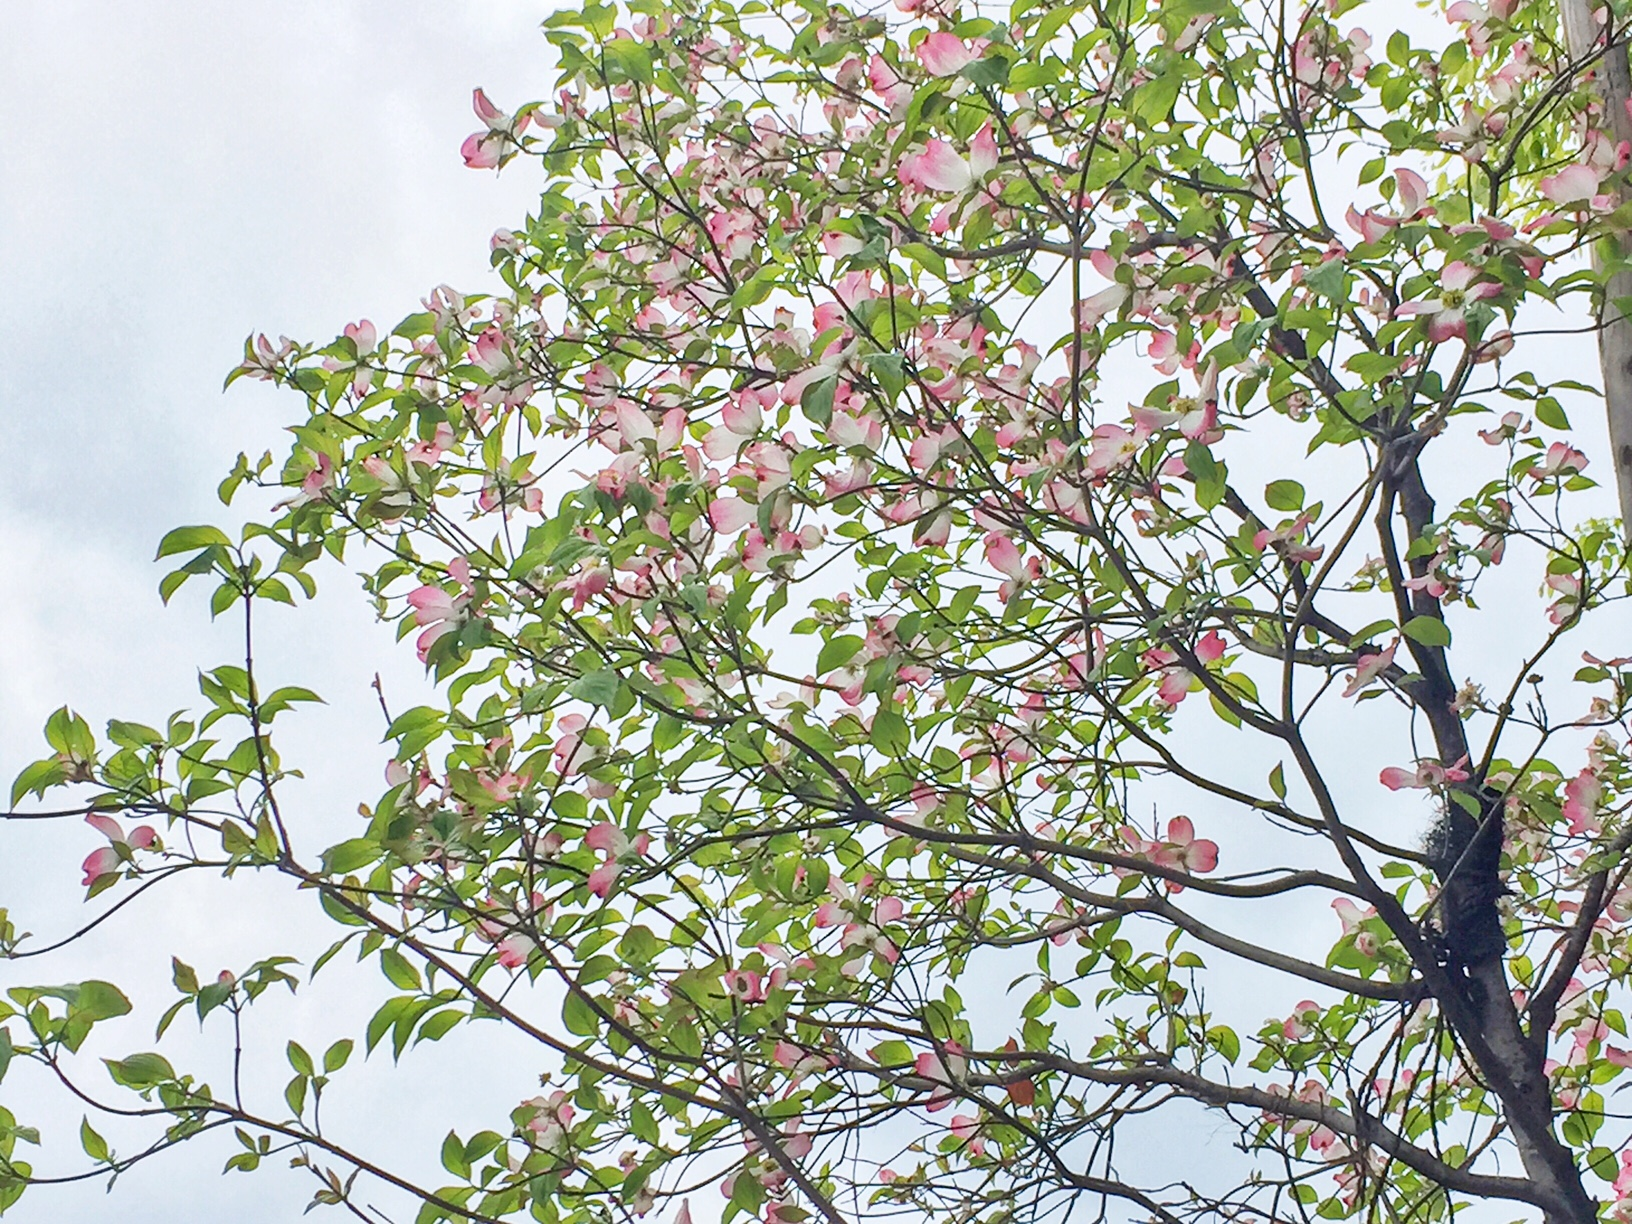 薄いピンク色が素敵な明治通り沿いのハナミズキ